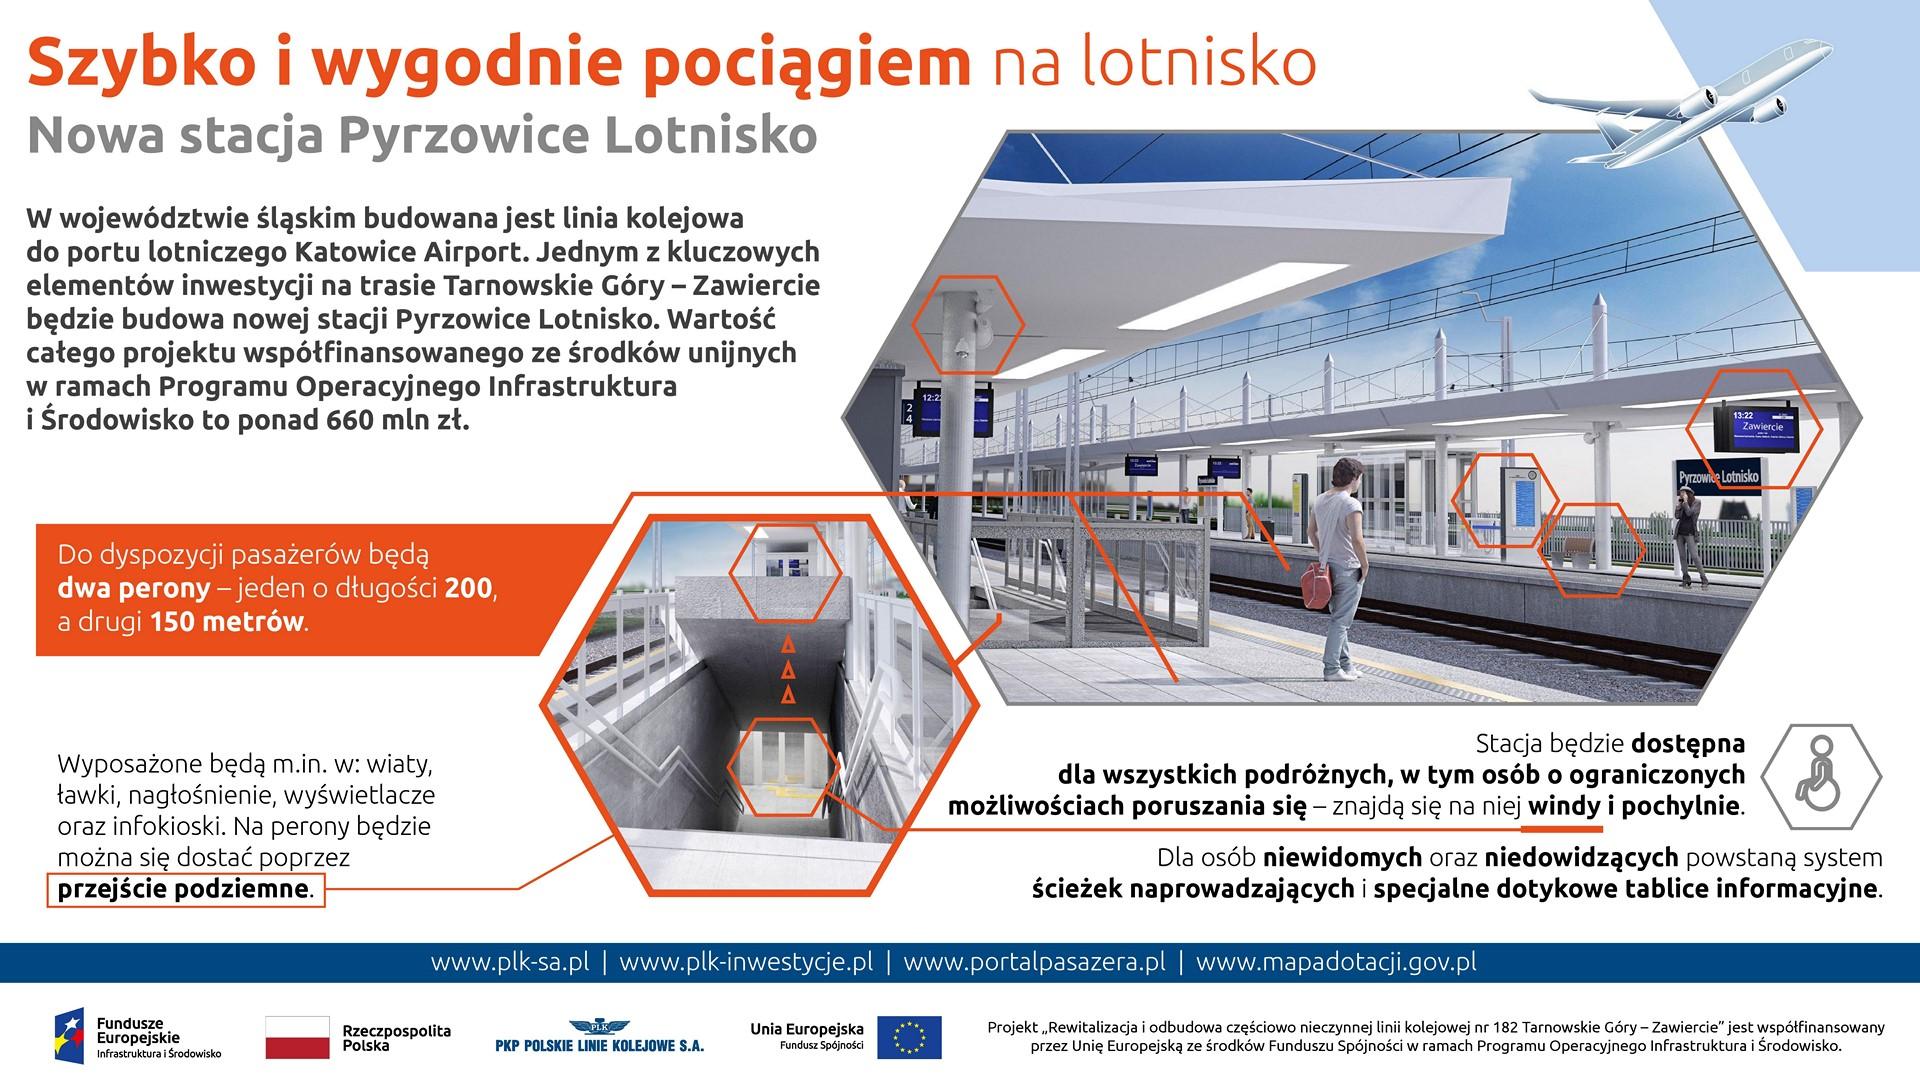 Infografika przedstawia informacje o przyszłej stacji Pyrzowice Lotnisko.